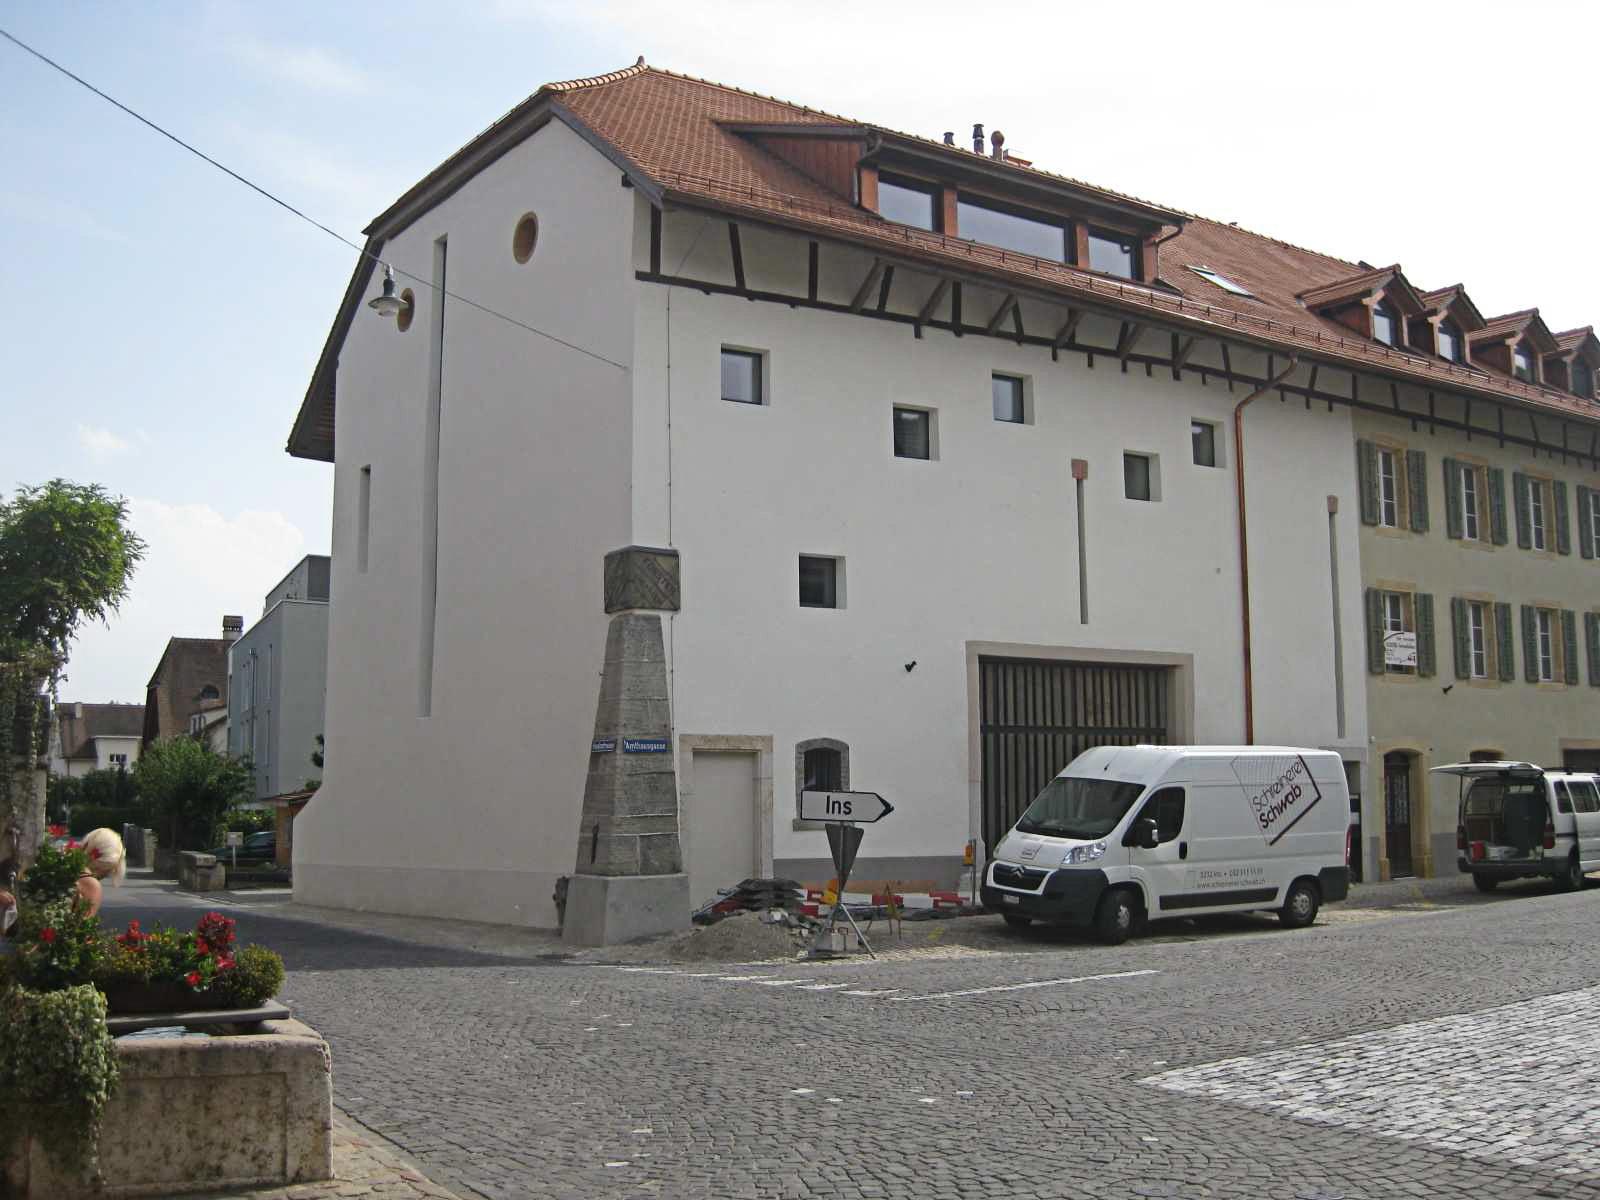 Amtshausgasse, Erlach